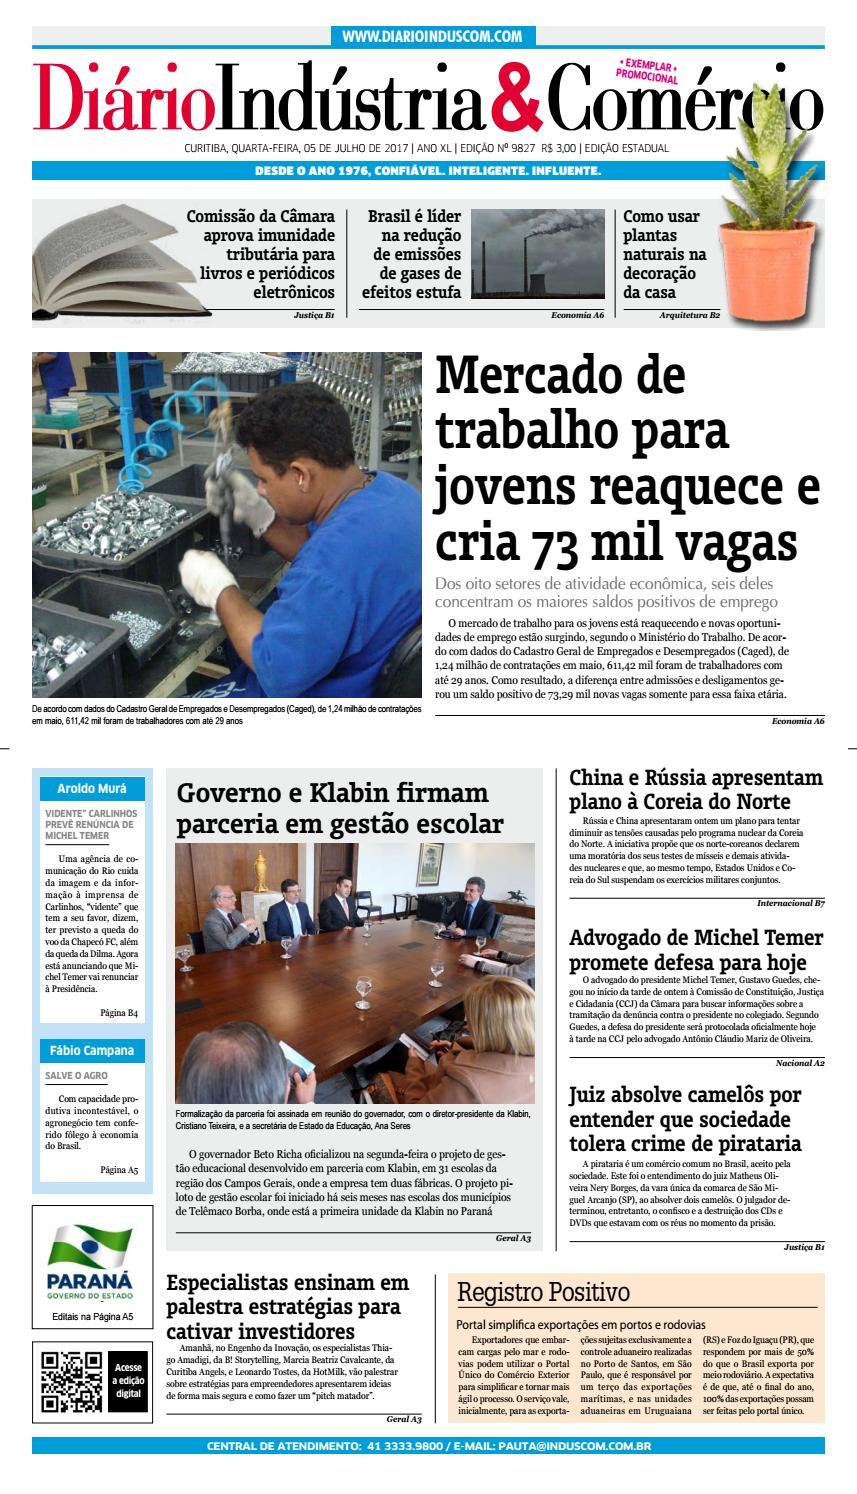 Diário Indústria Comércio - 05 de julho de 2017 by Diário Indústria    Comércio - issuu bc39c48c8ac38